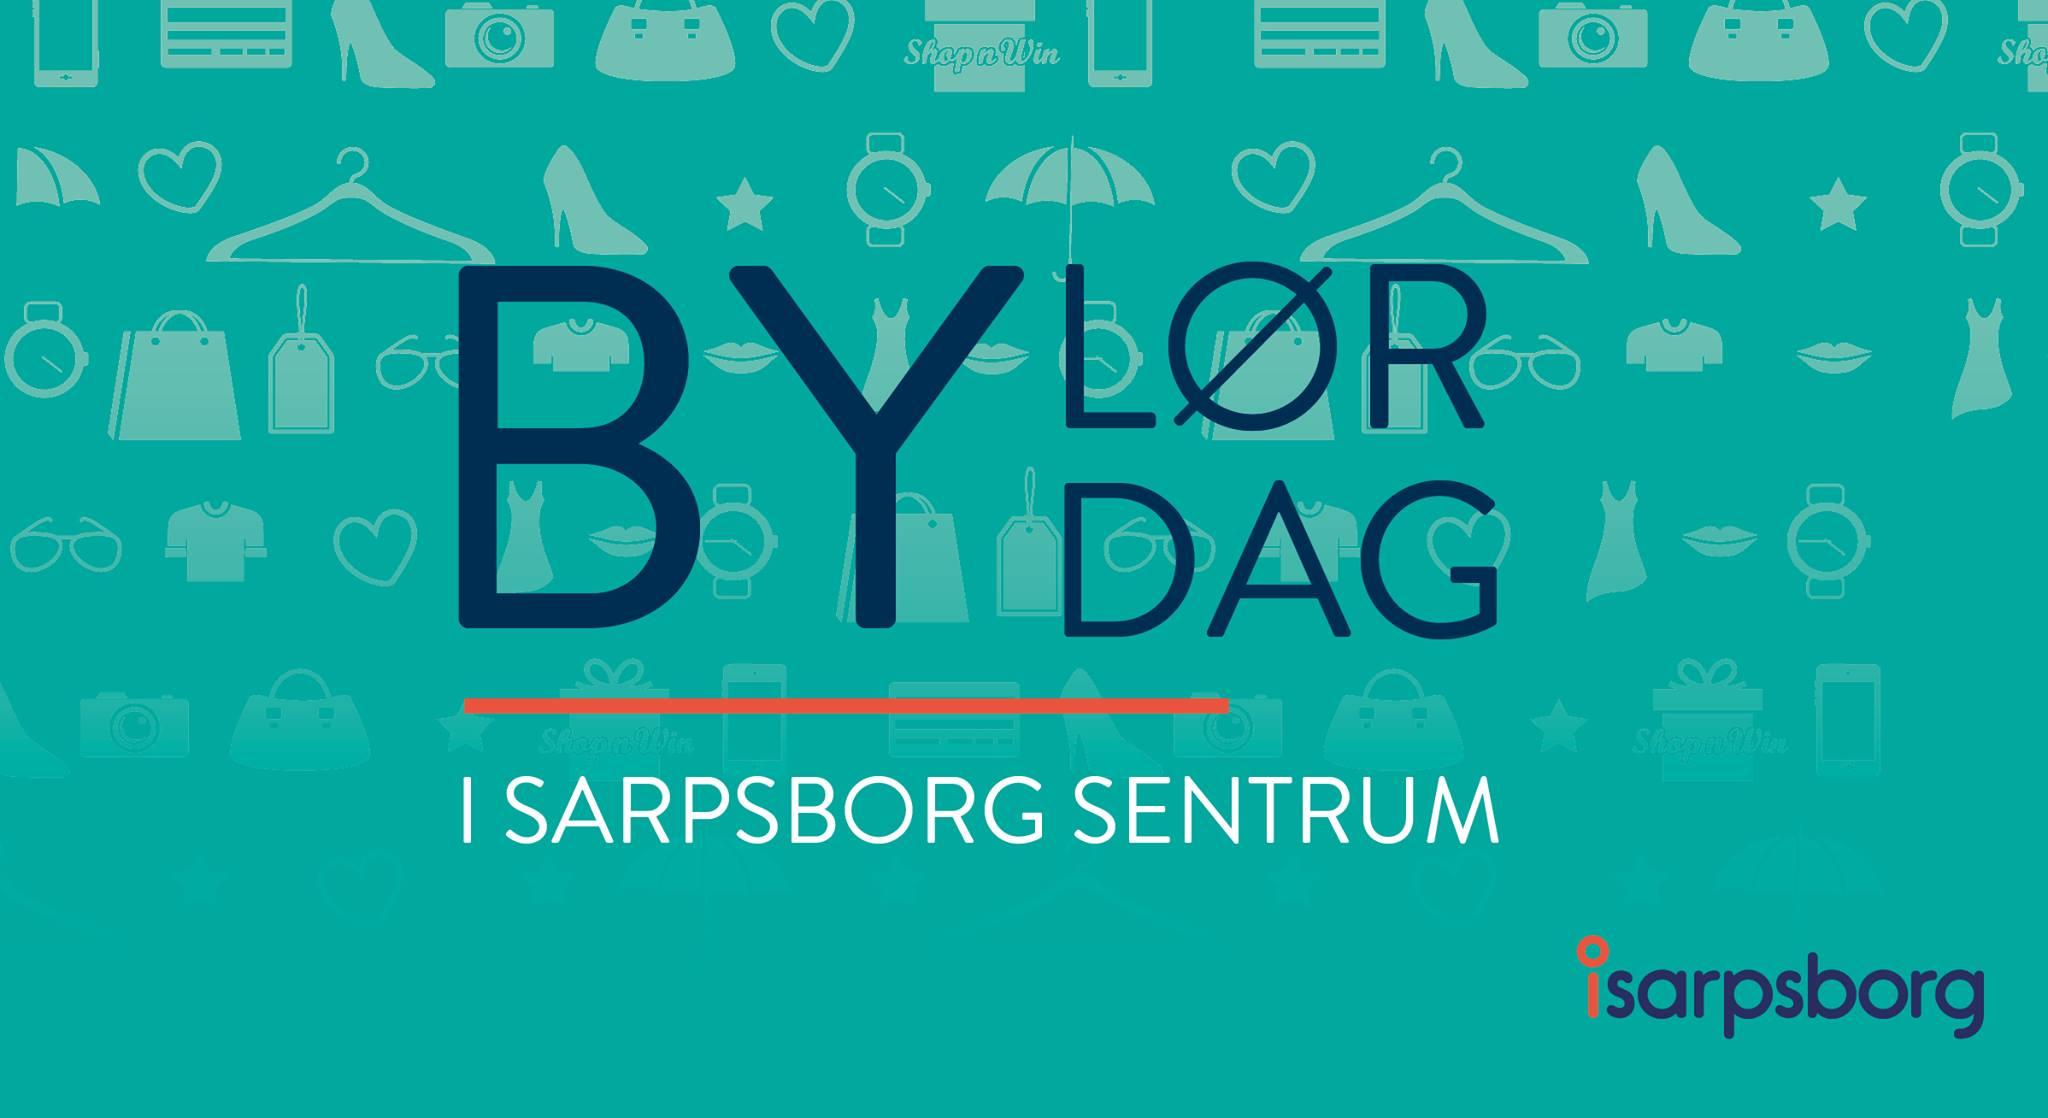 Bylørdag logo. Illustrasjon/grafikk